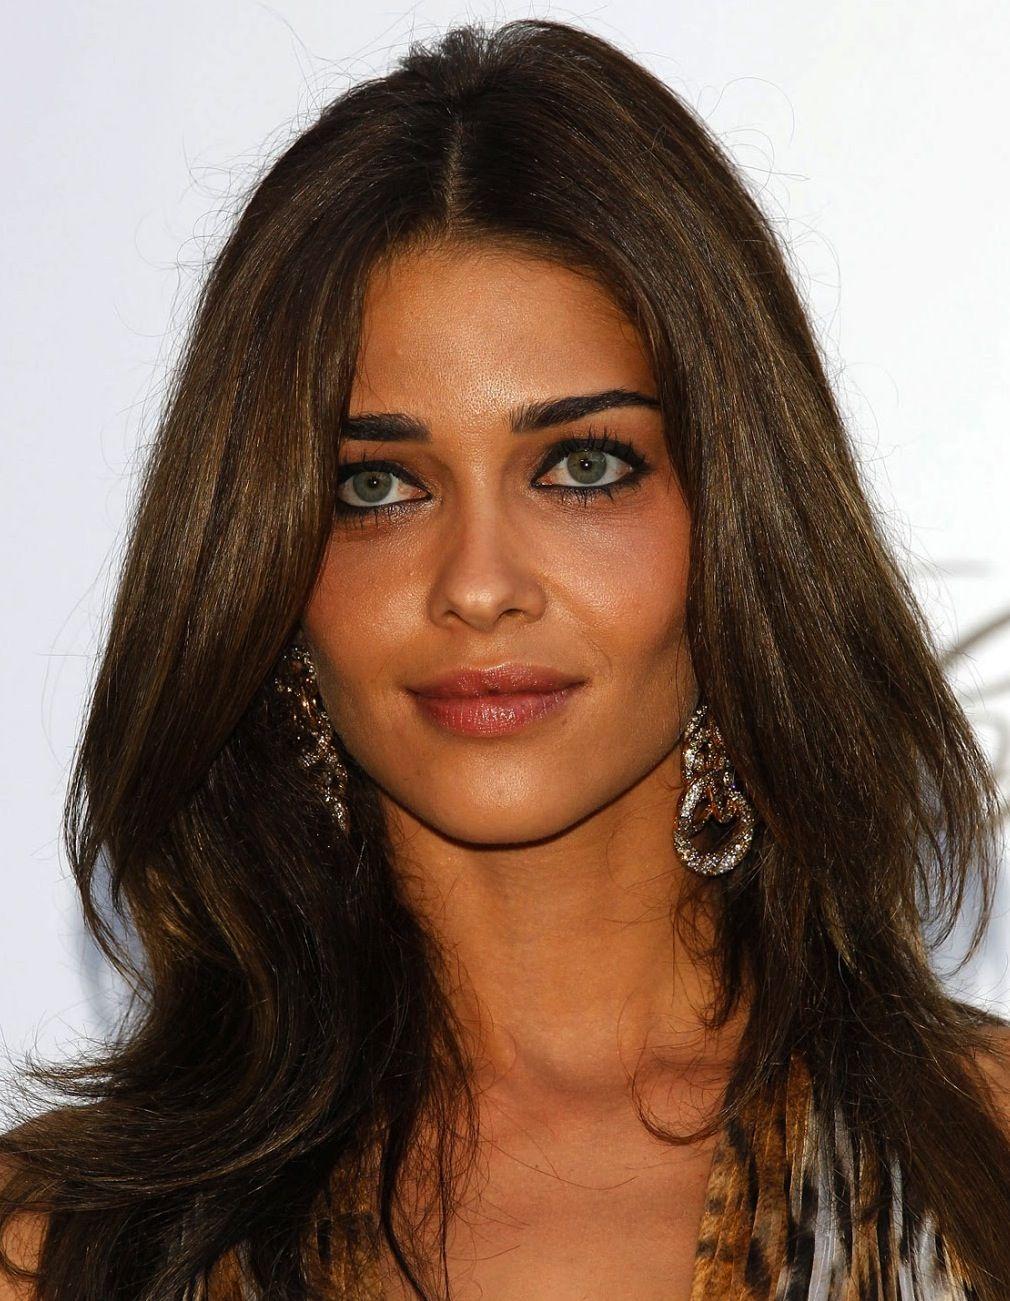 Women #beauty #beautiful #faces